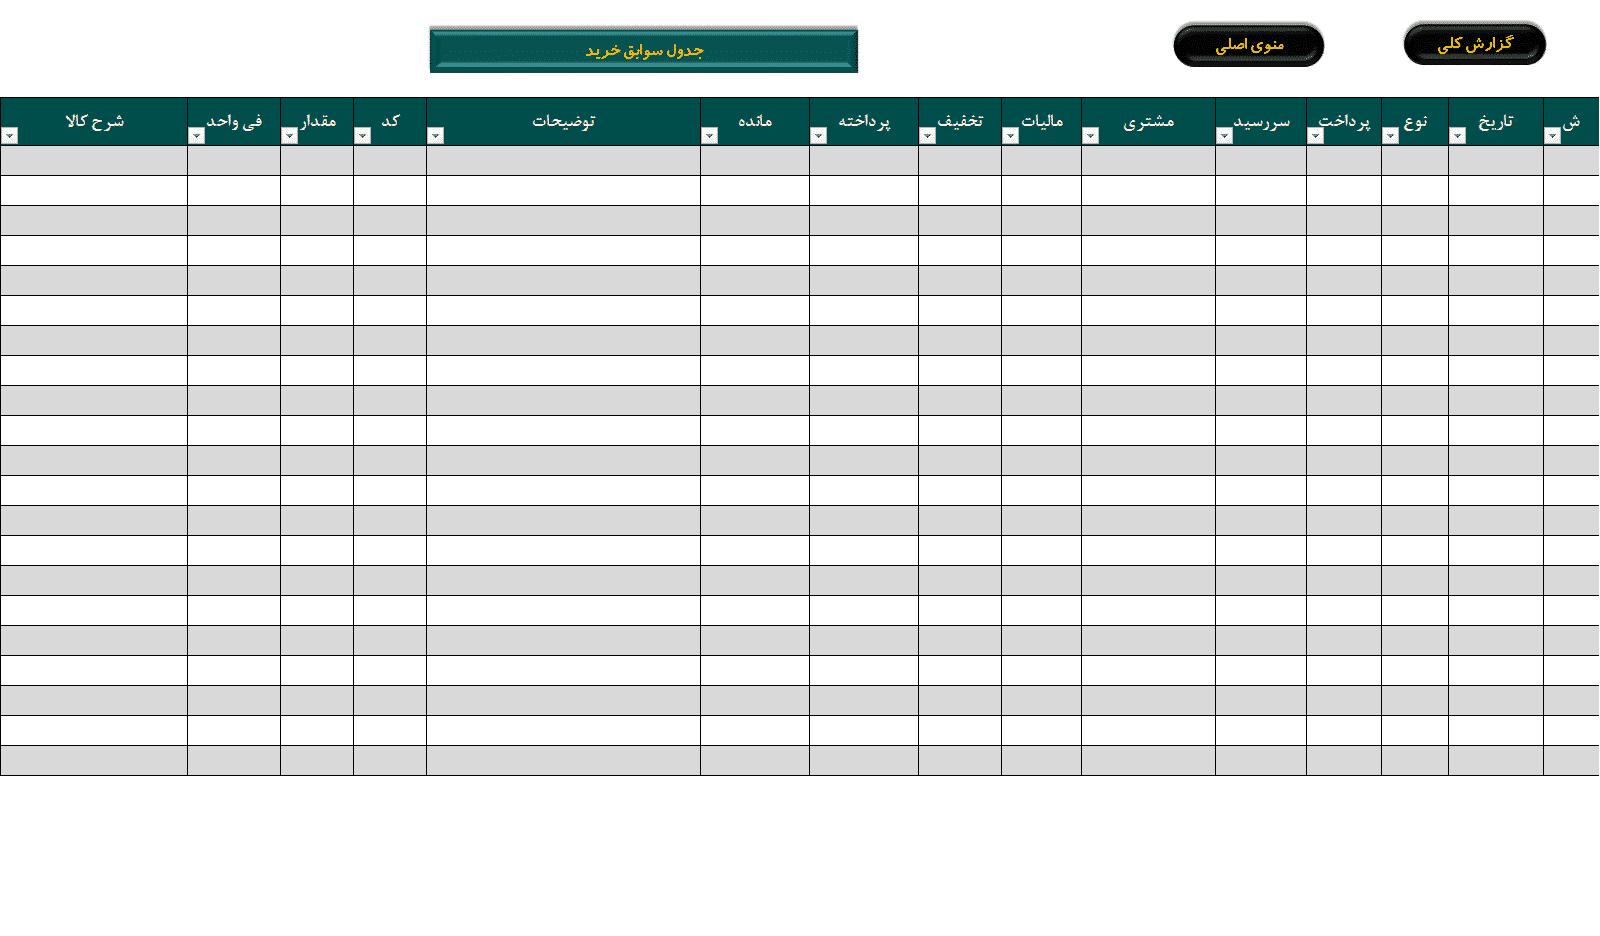 برنامه حسابداری فروشگاهی ثبت فاکتورهای خرید و فروش